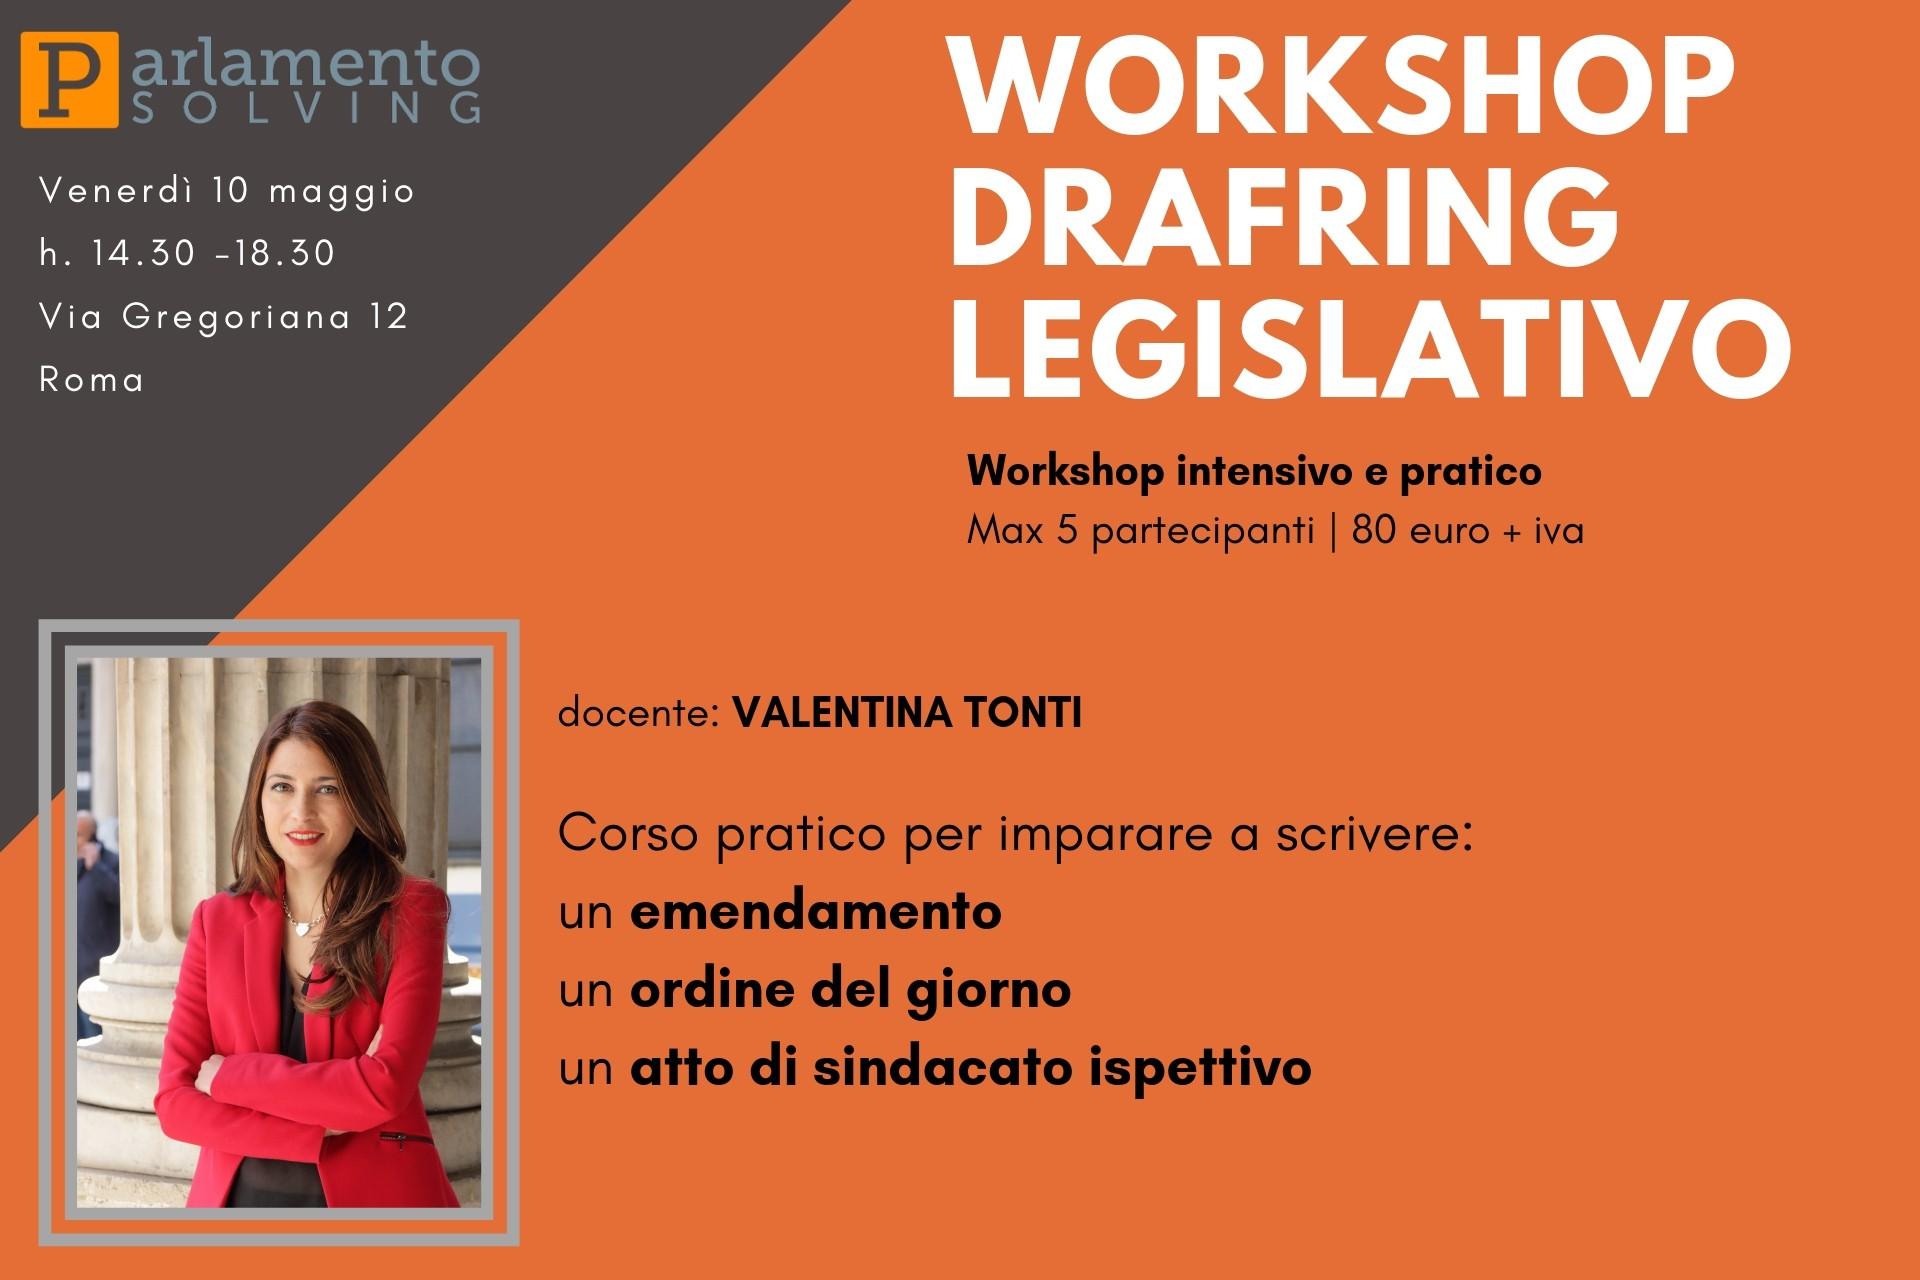 Workshop di drafting legislativo